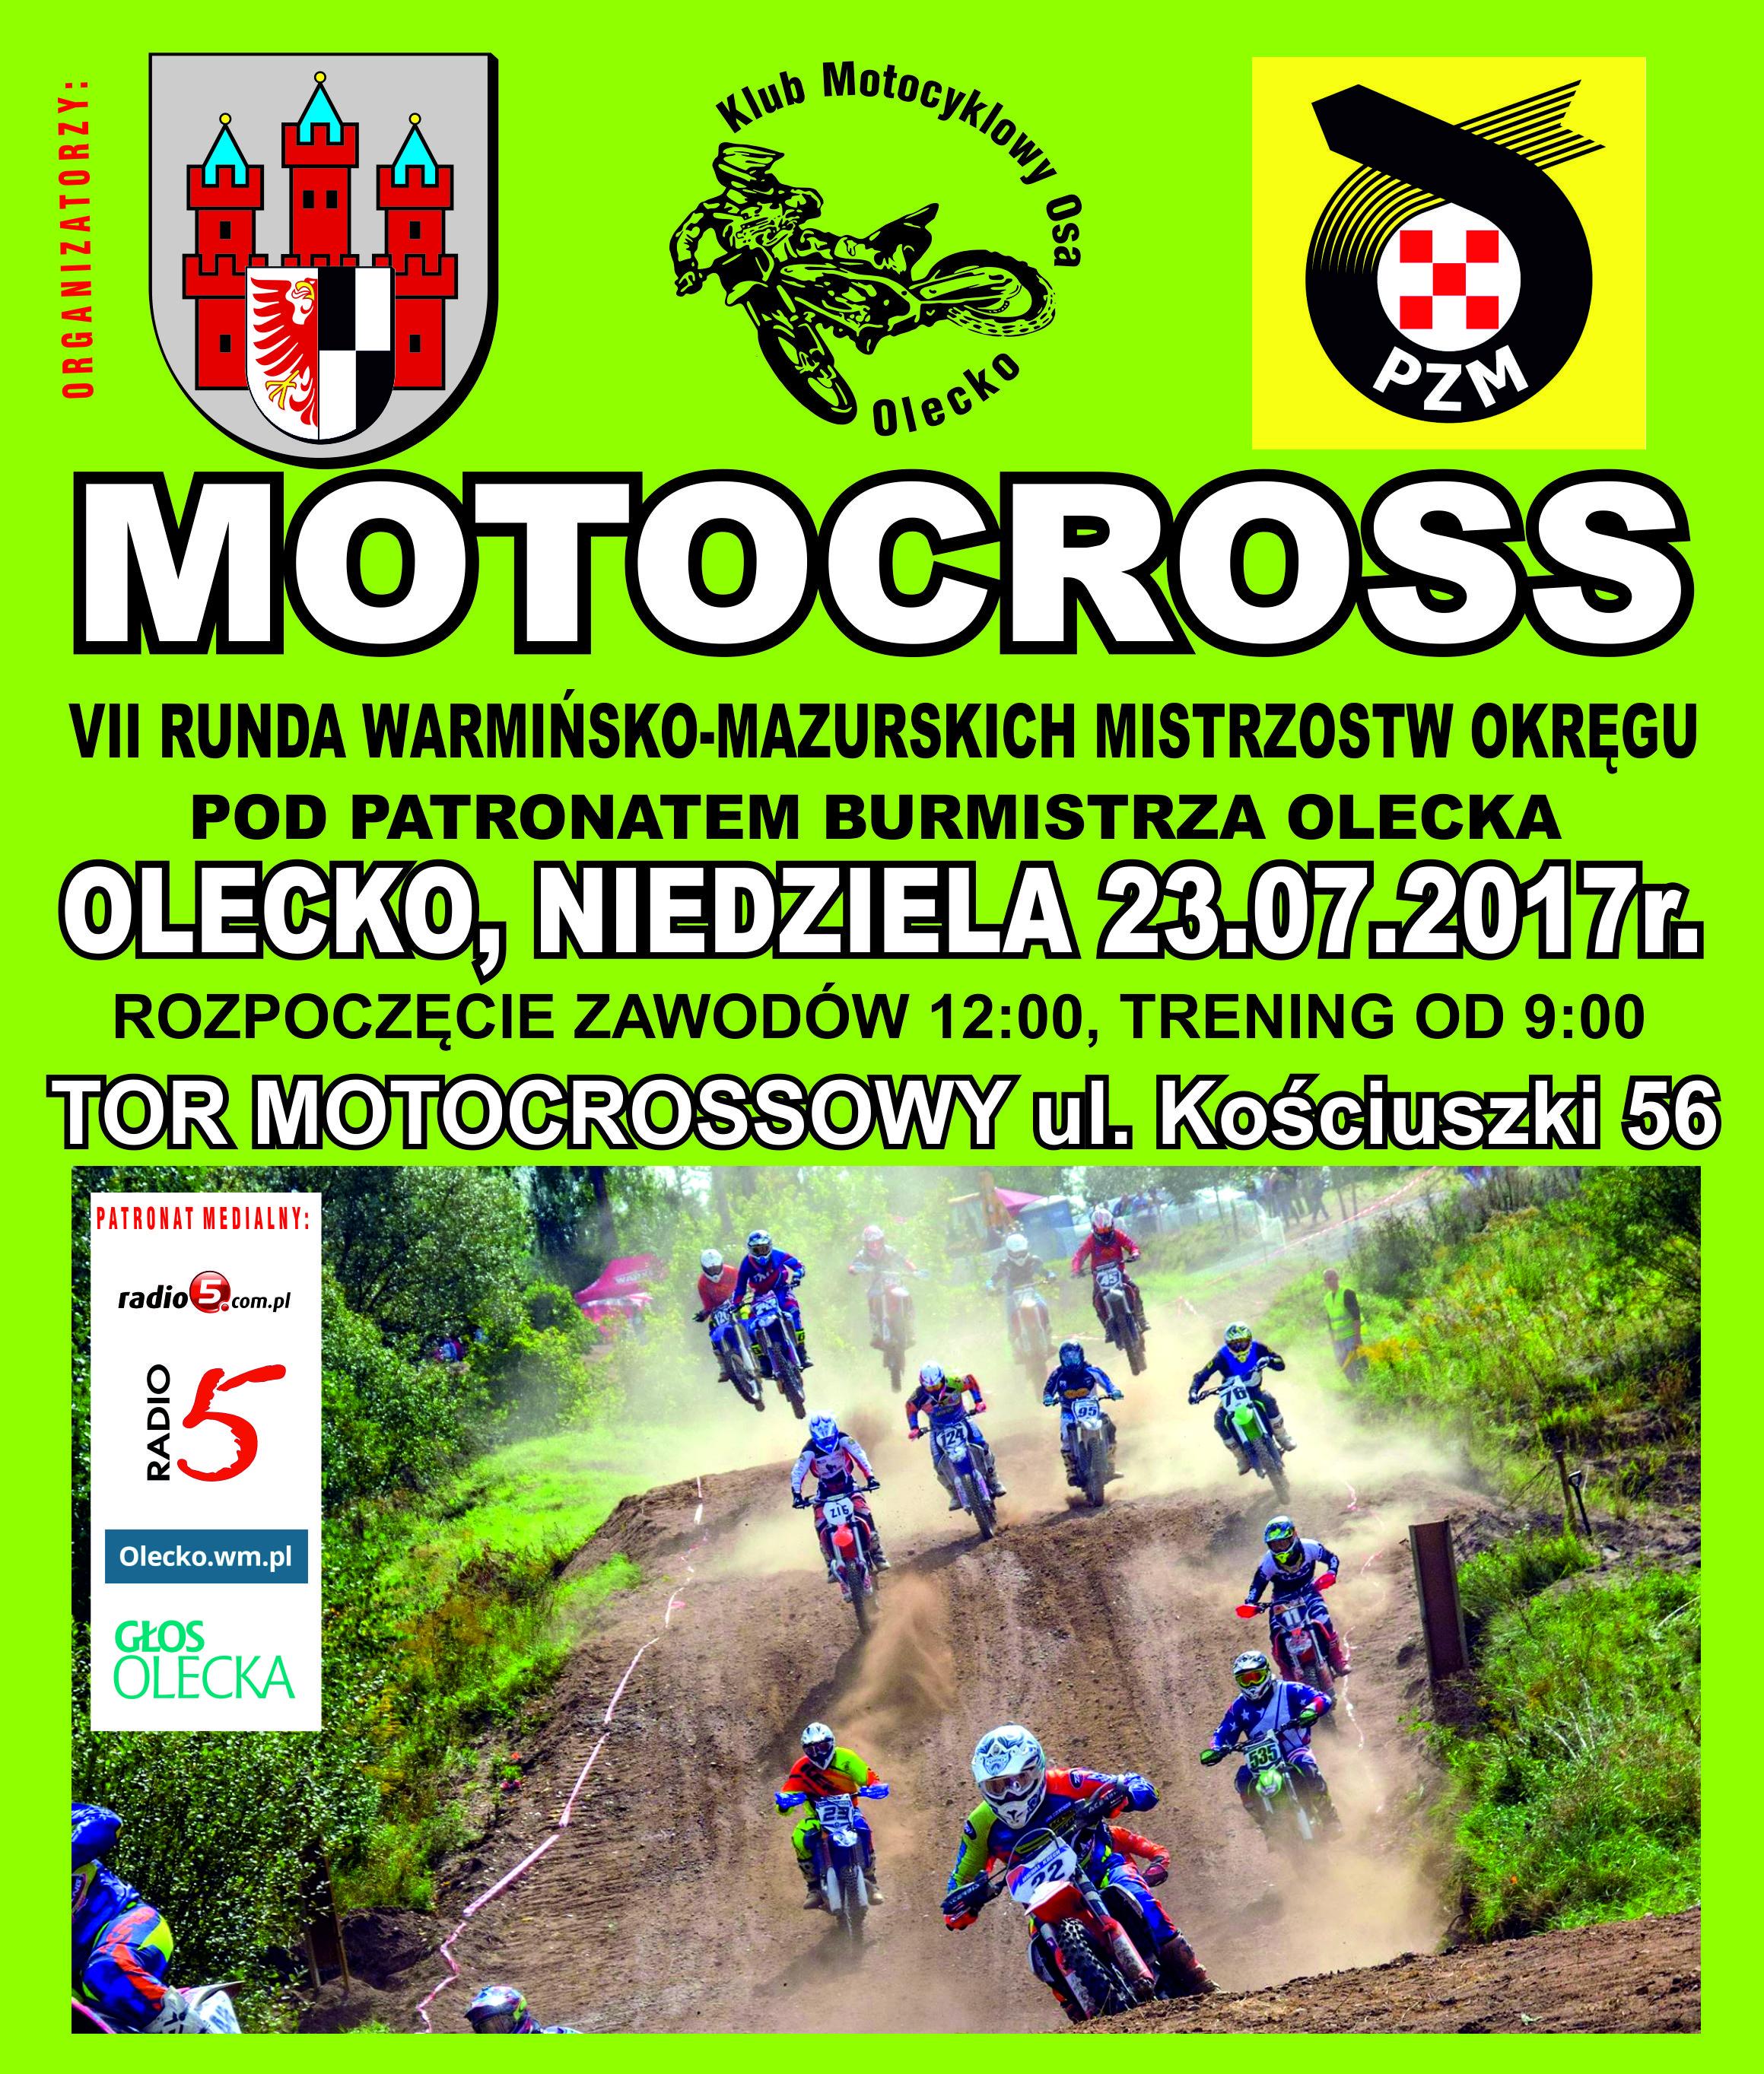 http://m.wm.pl/2017/07/orig/plakat-motocross2017-399746.jpg